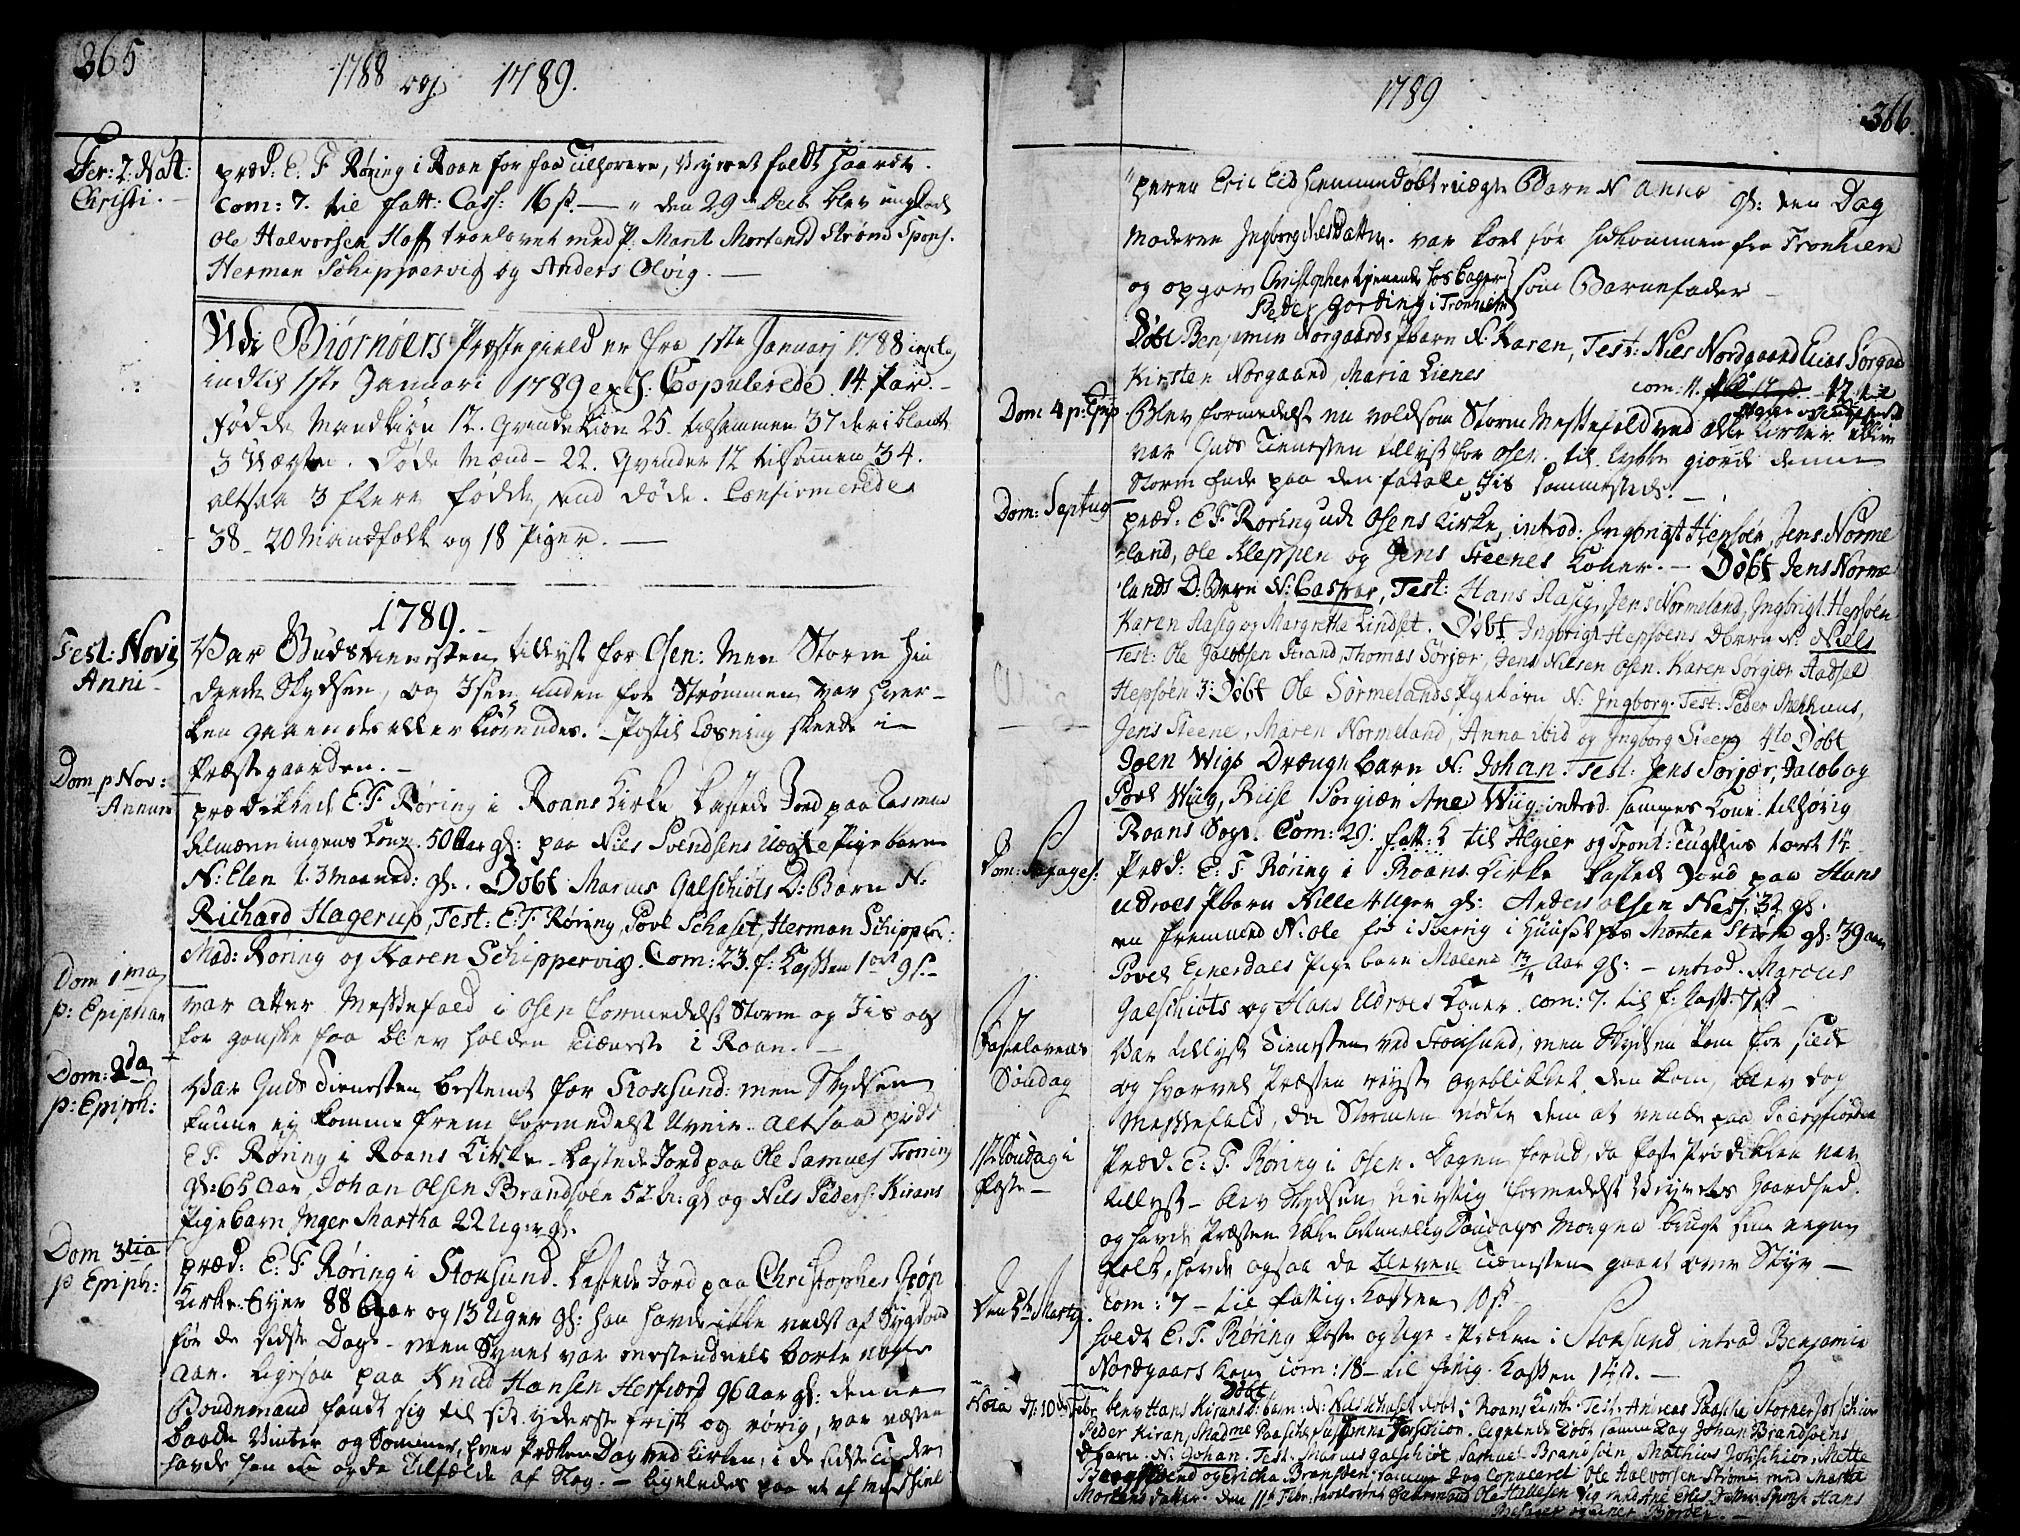 SAT, Ministerialprotokoller, klokkerbøker og fødselsregistre - Sør-Trøndelag, 657/L0700: Ministerialbok nr. 657A01, 1732-1801, s. 365-366